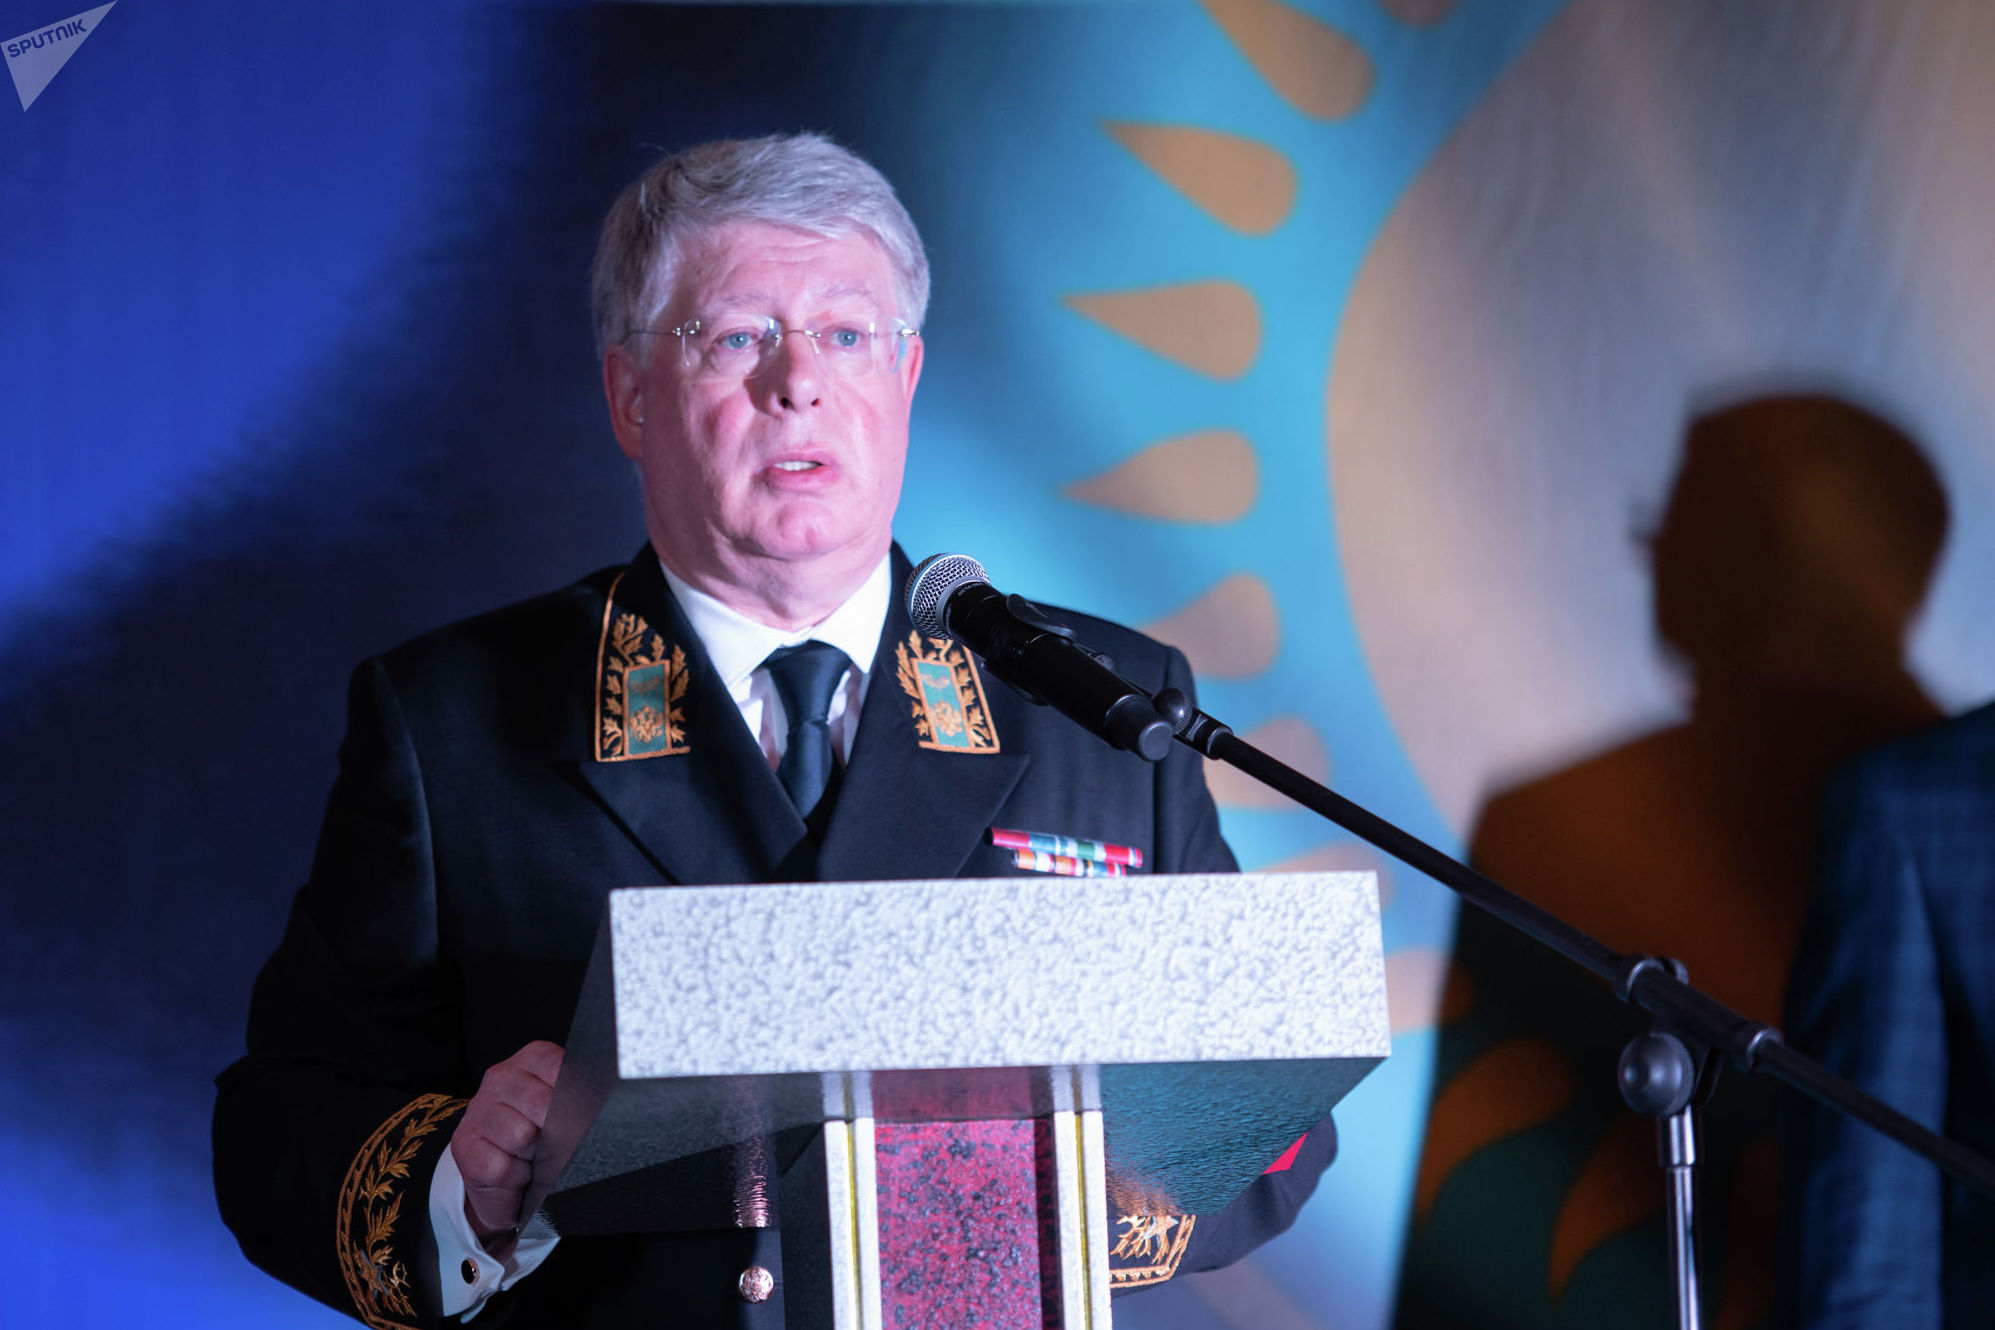 Бородавкин Алексей, чрезвычайный и полномочный посол Российской Федерации в Республике Казахстан